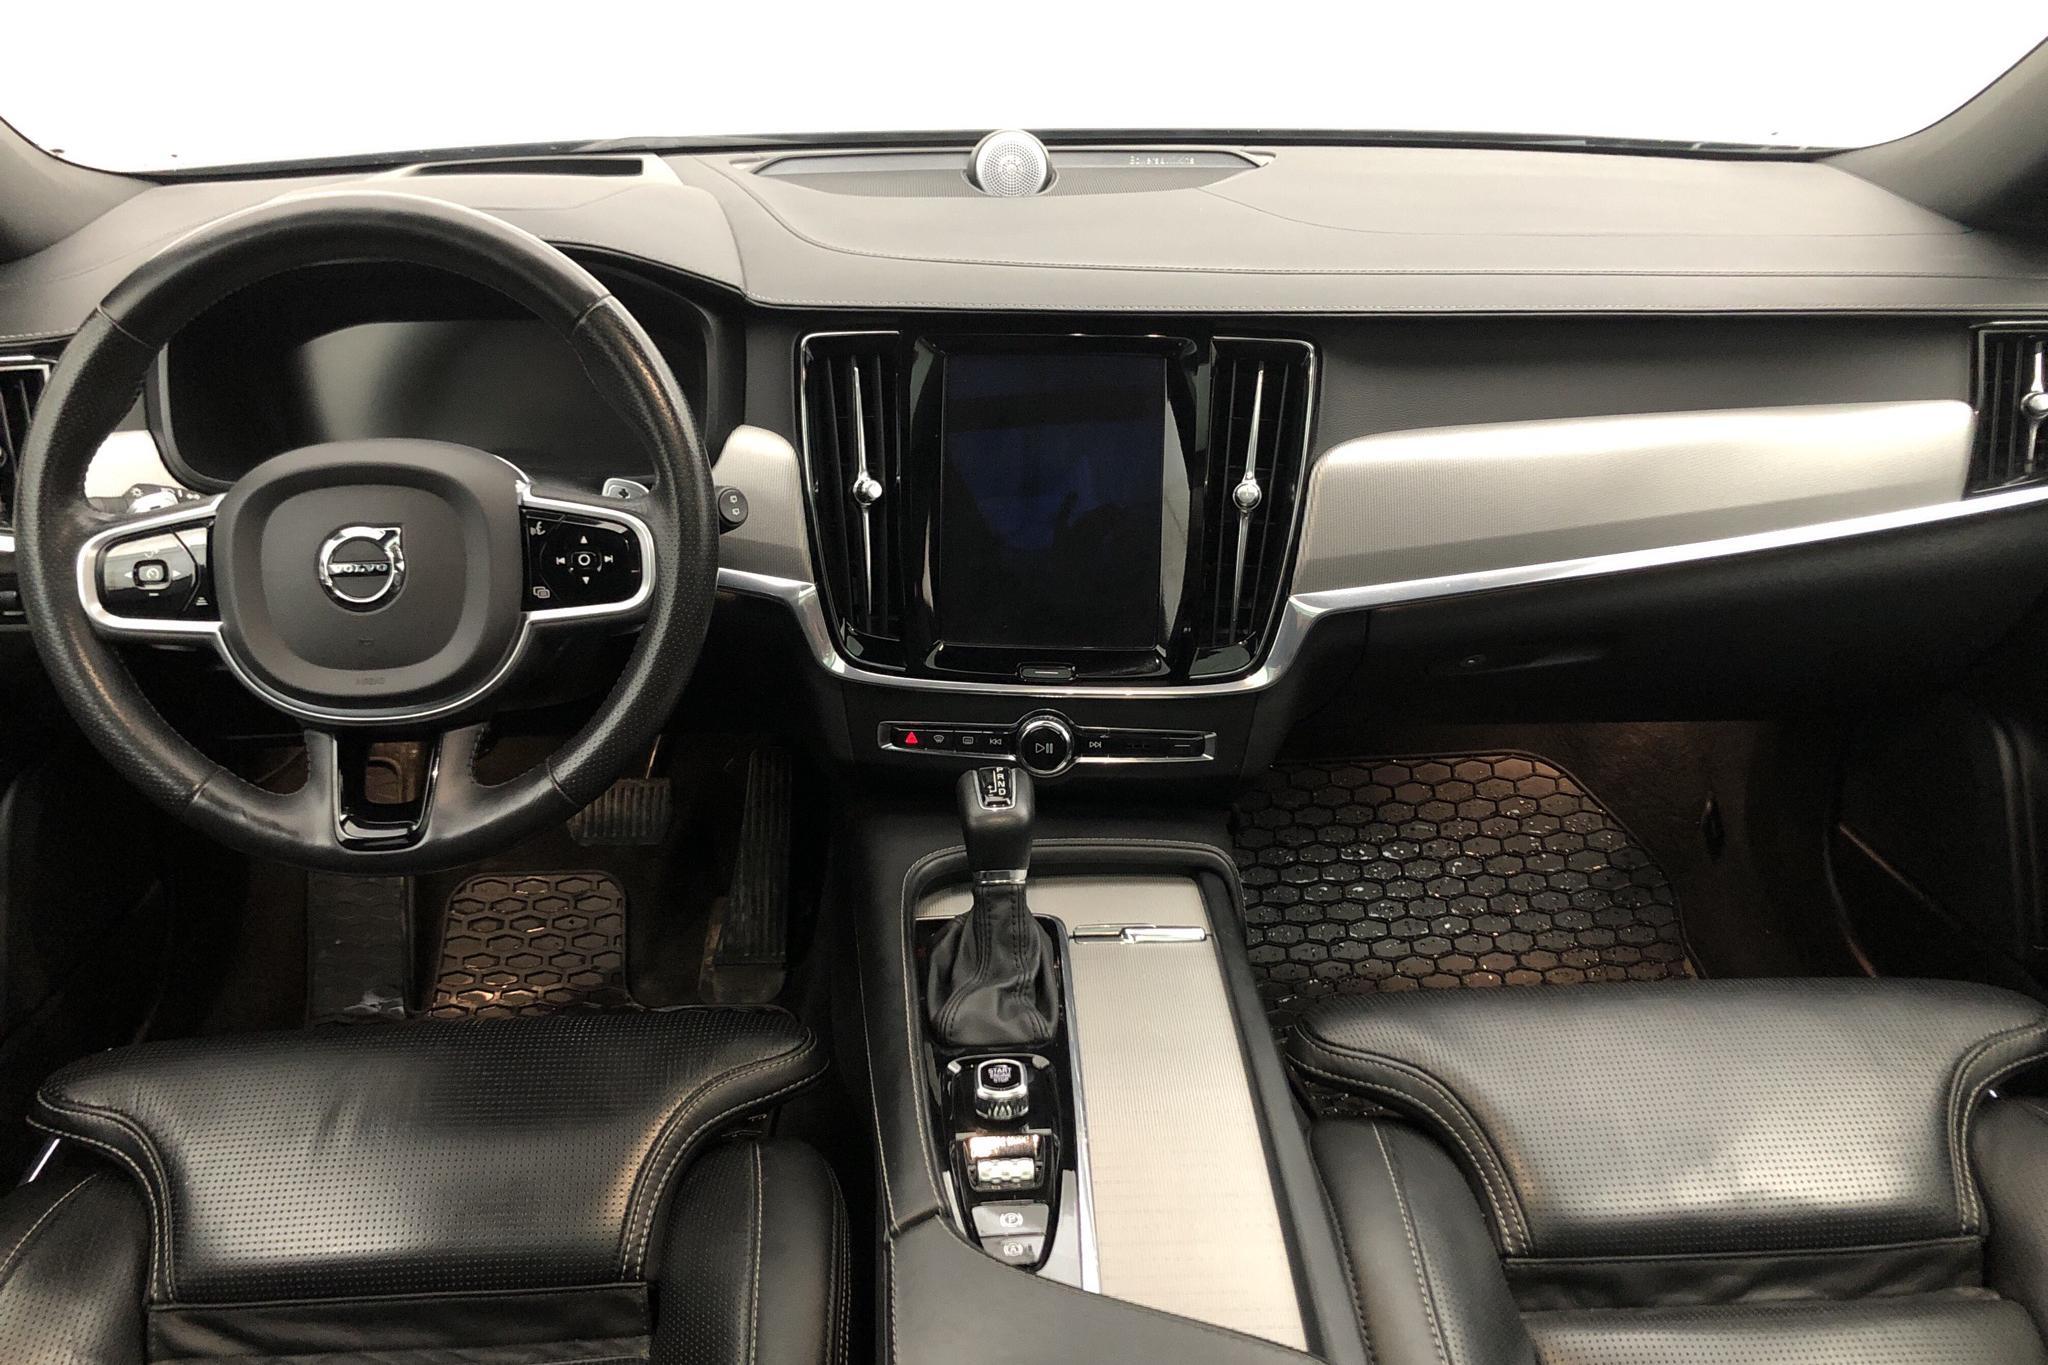 Volvo V90 D5 AWD (235hk) - 112 000 km - Automatic - black - 2018